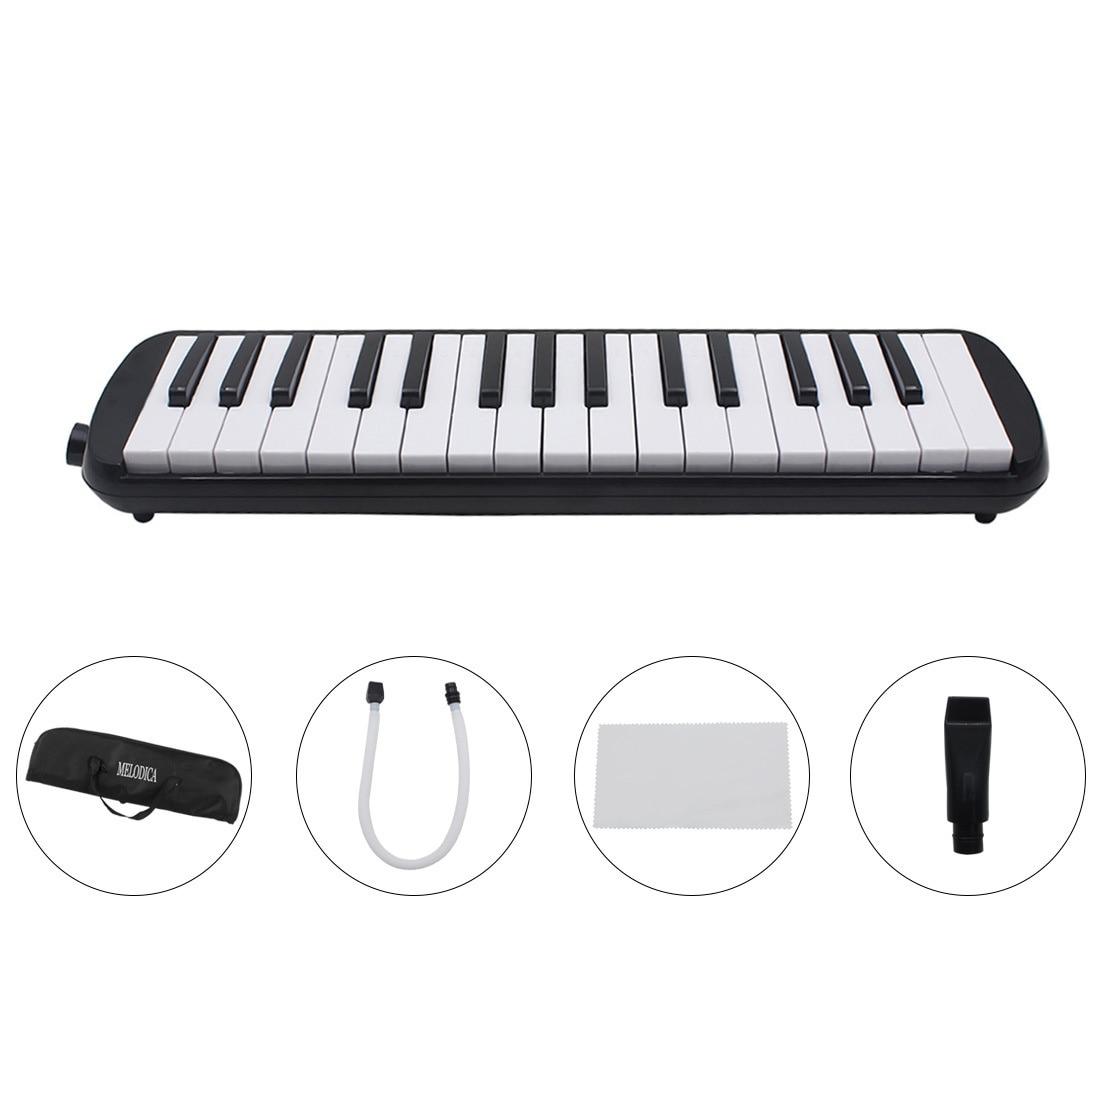 Aiersi 32 مفتاح ميلوديكا البيانو لحني لوحة المفاتيح آلة الهدايا الموسيقية مع تحمل حقيبة حزام المعبرة